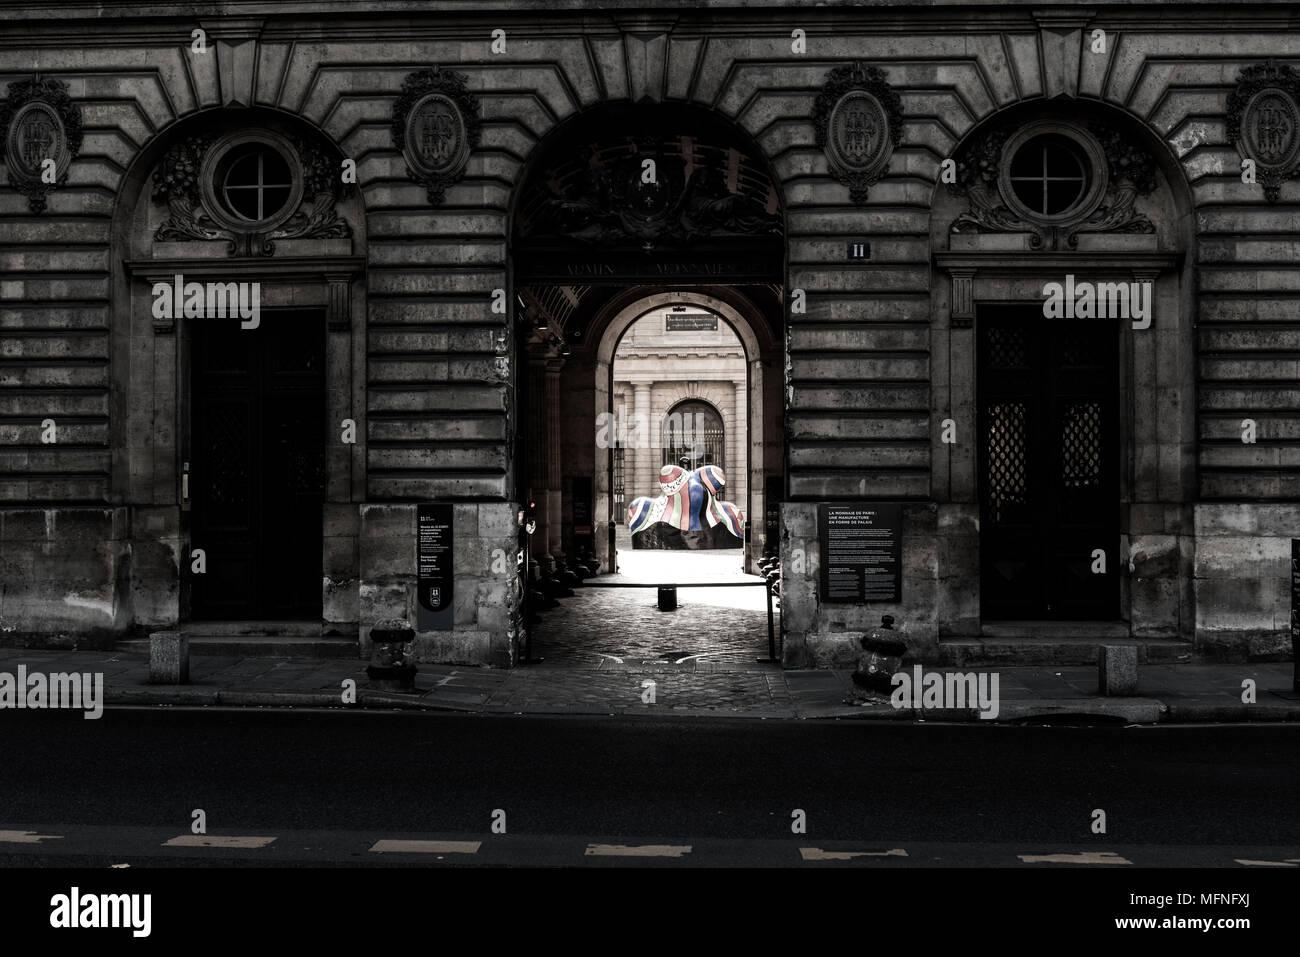 Paris Scenes - Stock Image